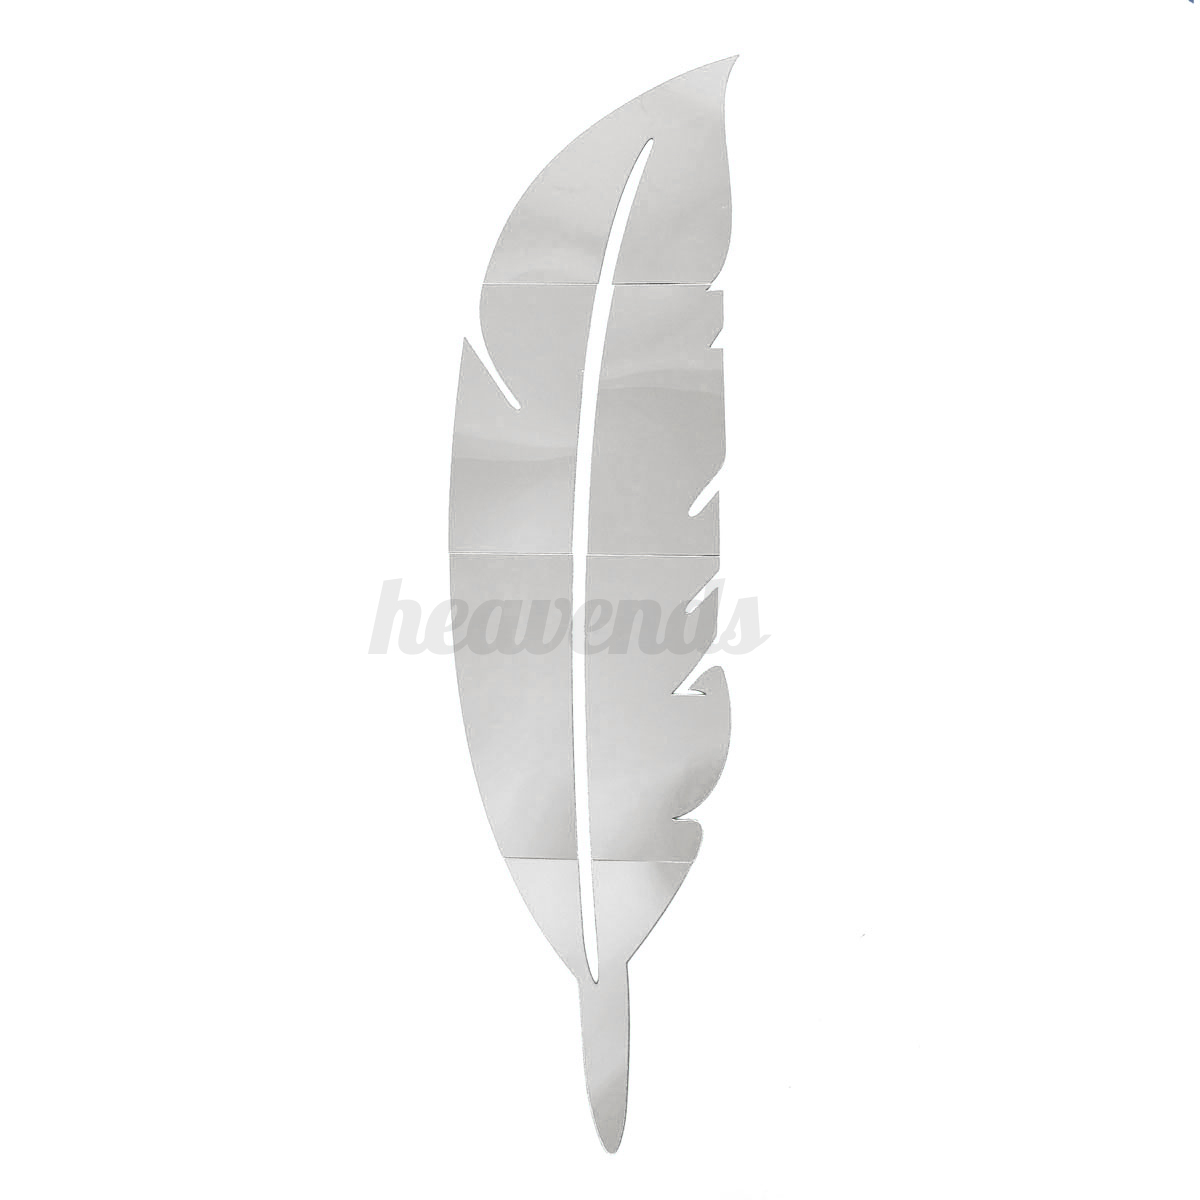 Wandtattoo wandaufkleber wand spiegel sticker feder deisgn for Dekoration wohnzimmerwand